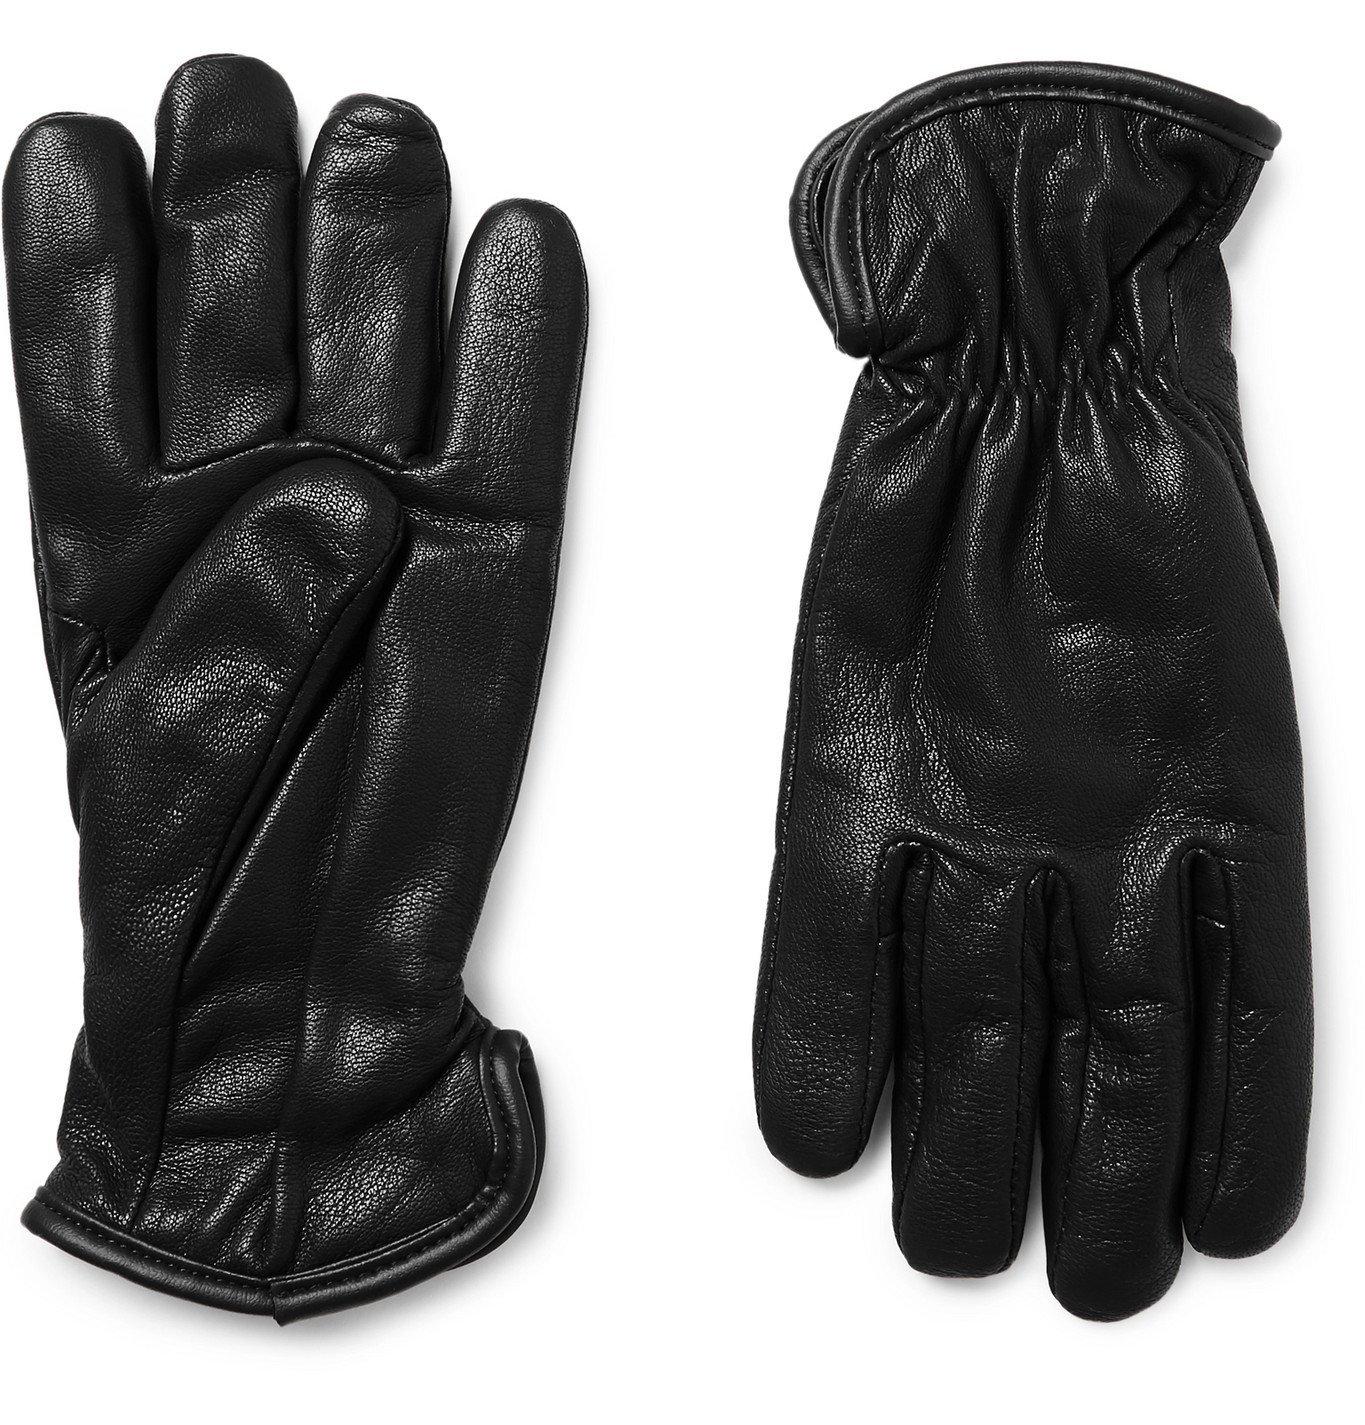 Filson - Merino Wool-Lined Full-Grain Leather Gloves - Black